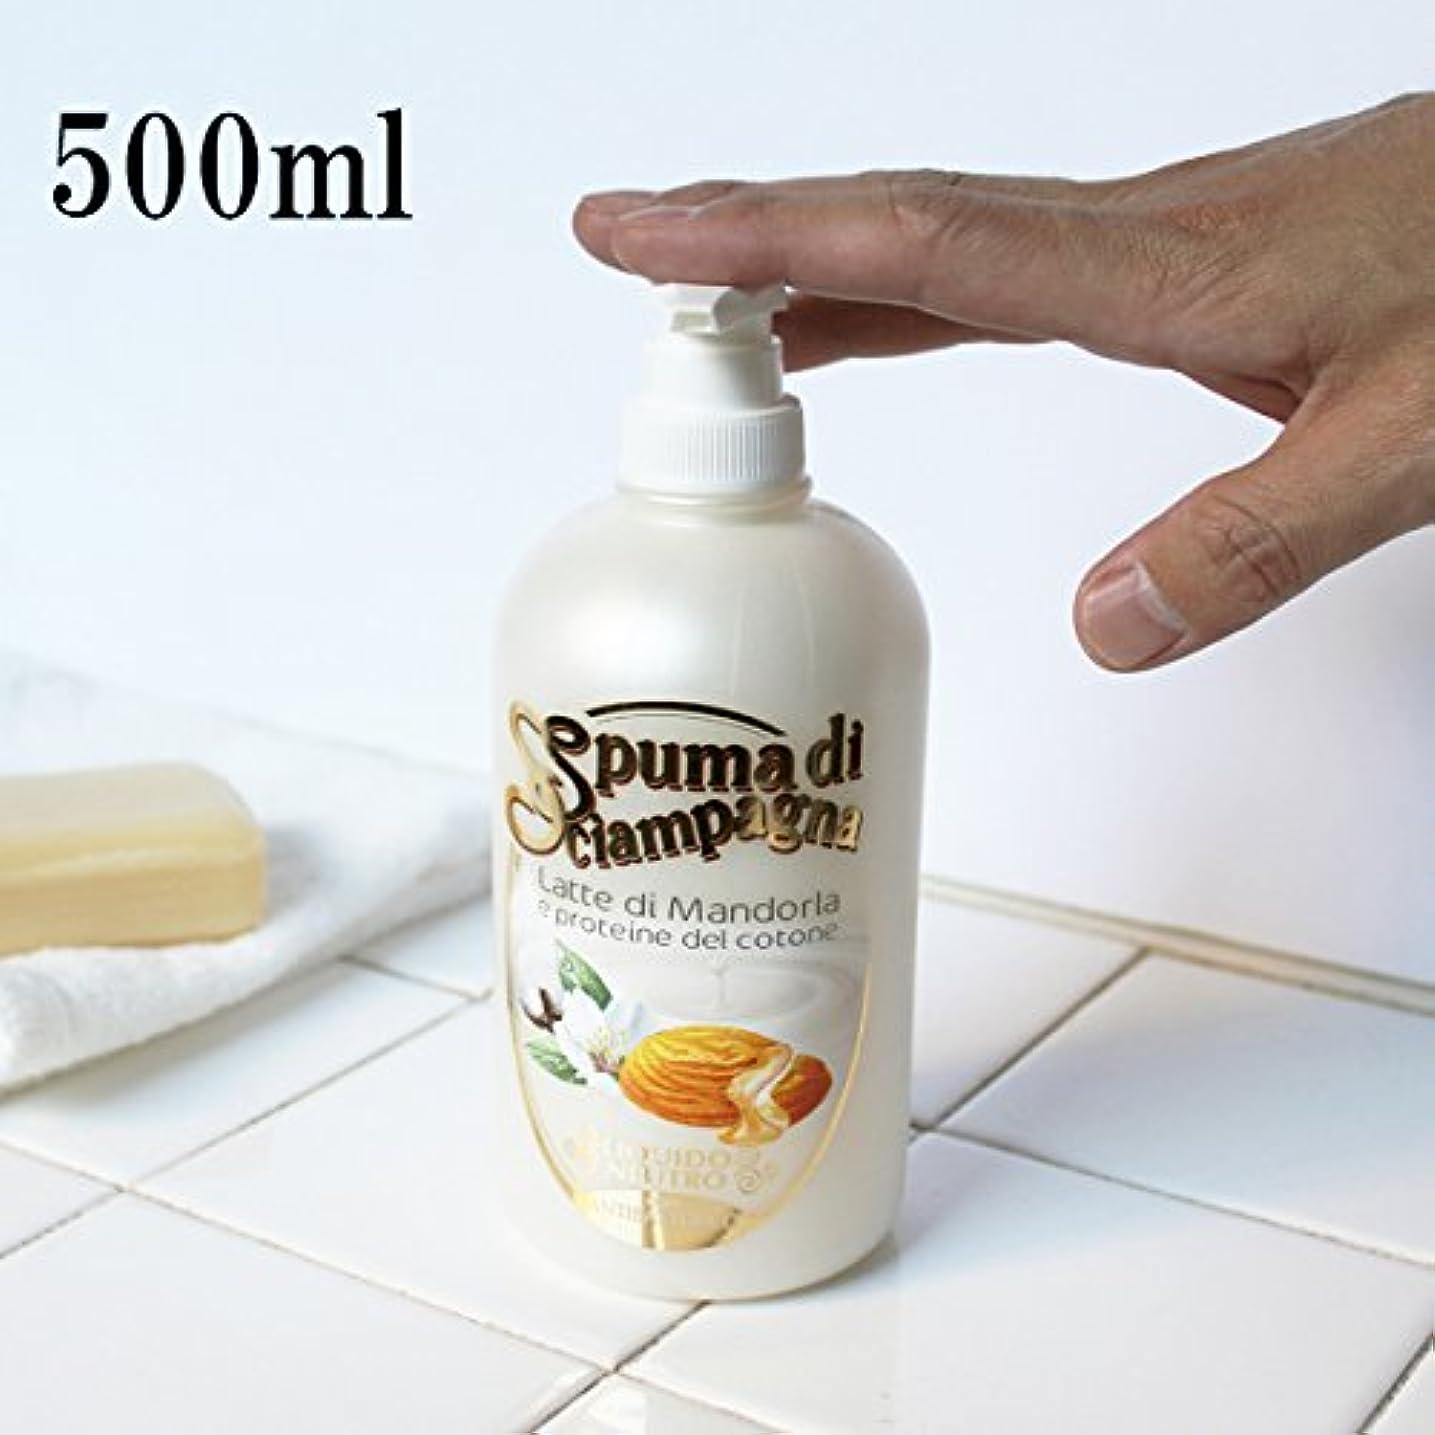 大使館カナダズボンSpuma di Sciampagna (スプーマ ディ シャンパーニャ) リキッドソープ 500ml アーモンドの香り